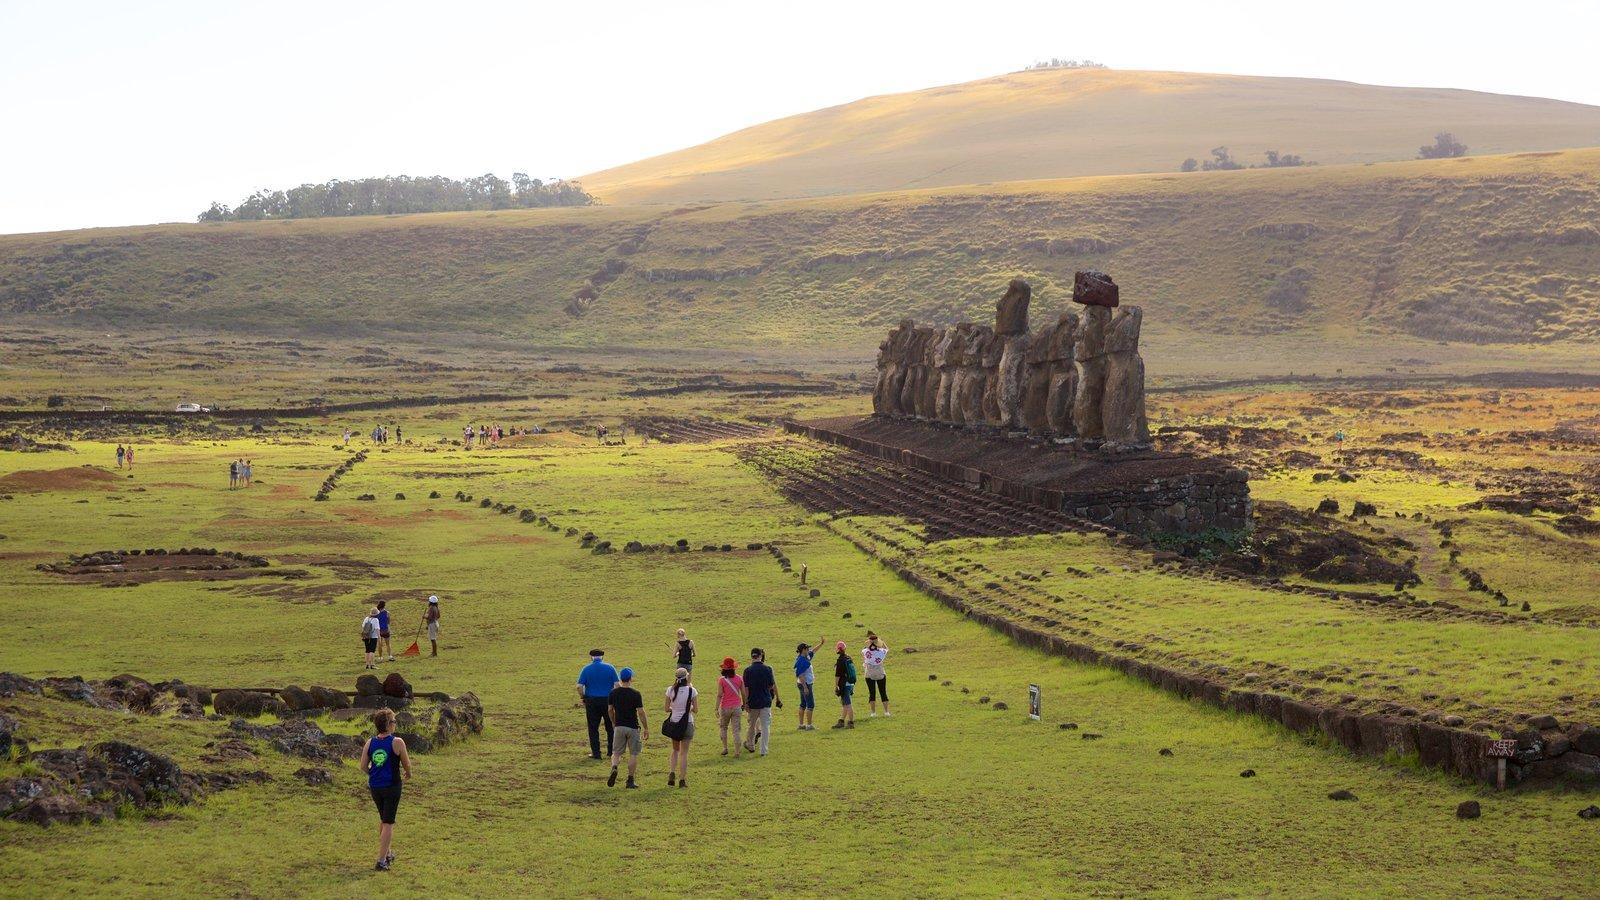 Ahu Tongariki mostrando escenas tranquilas y elementos del patrimonio y también un pequeño grupo de personas